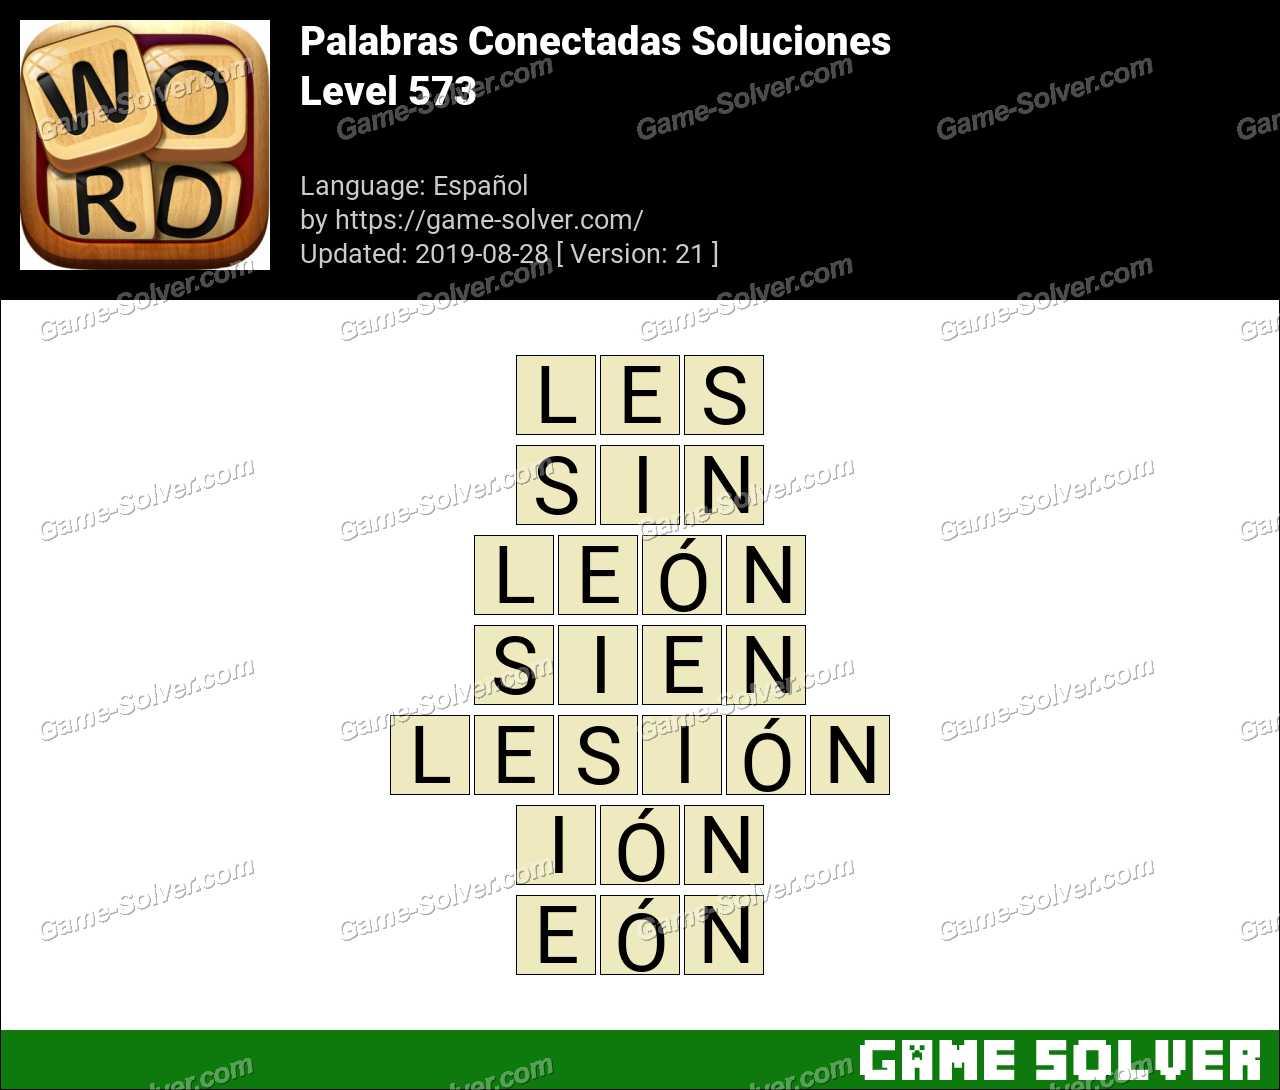 Palabras Conectadas Nivel 573 Soluciones